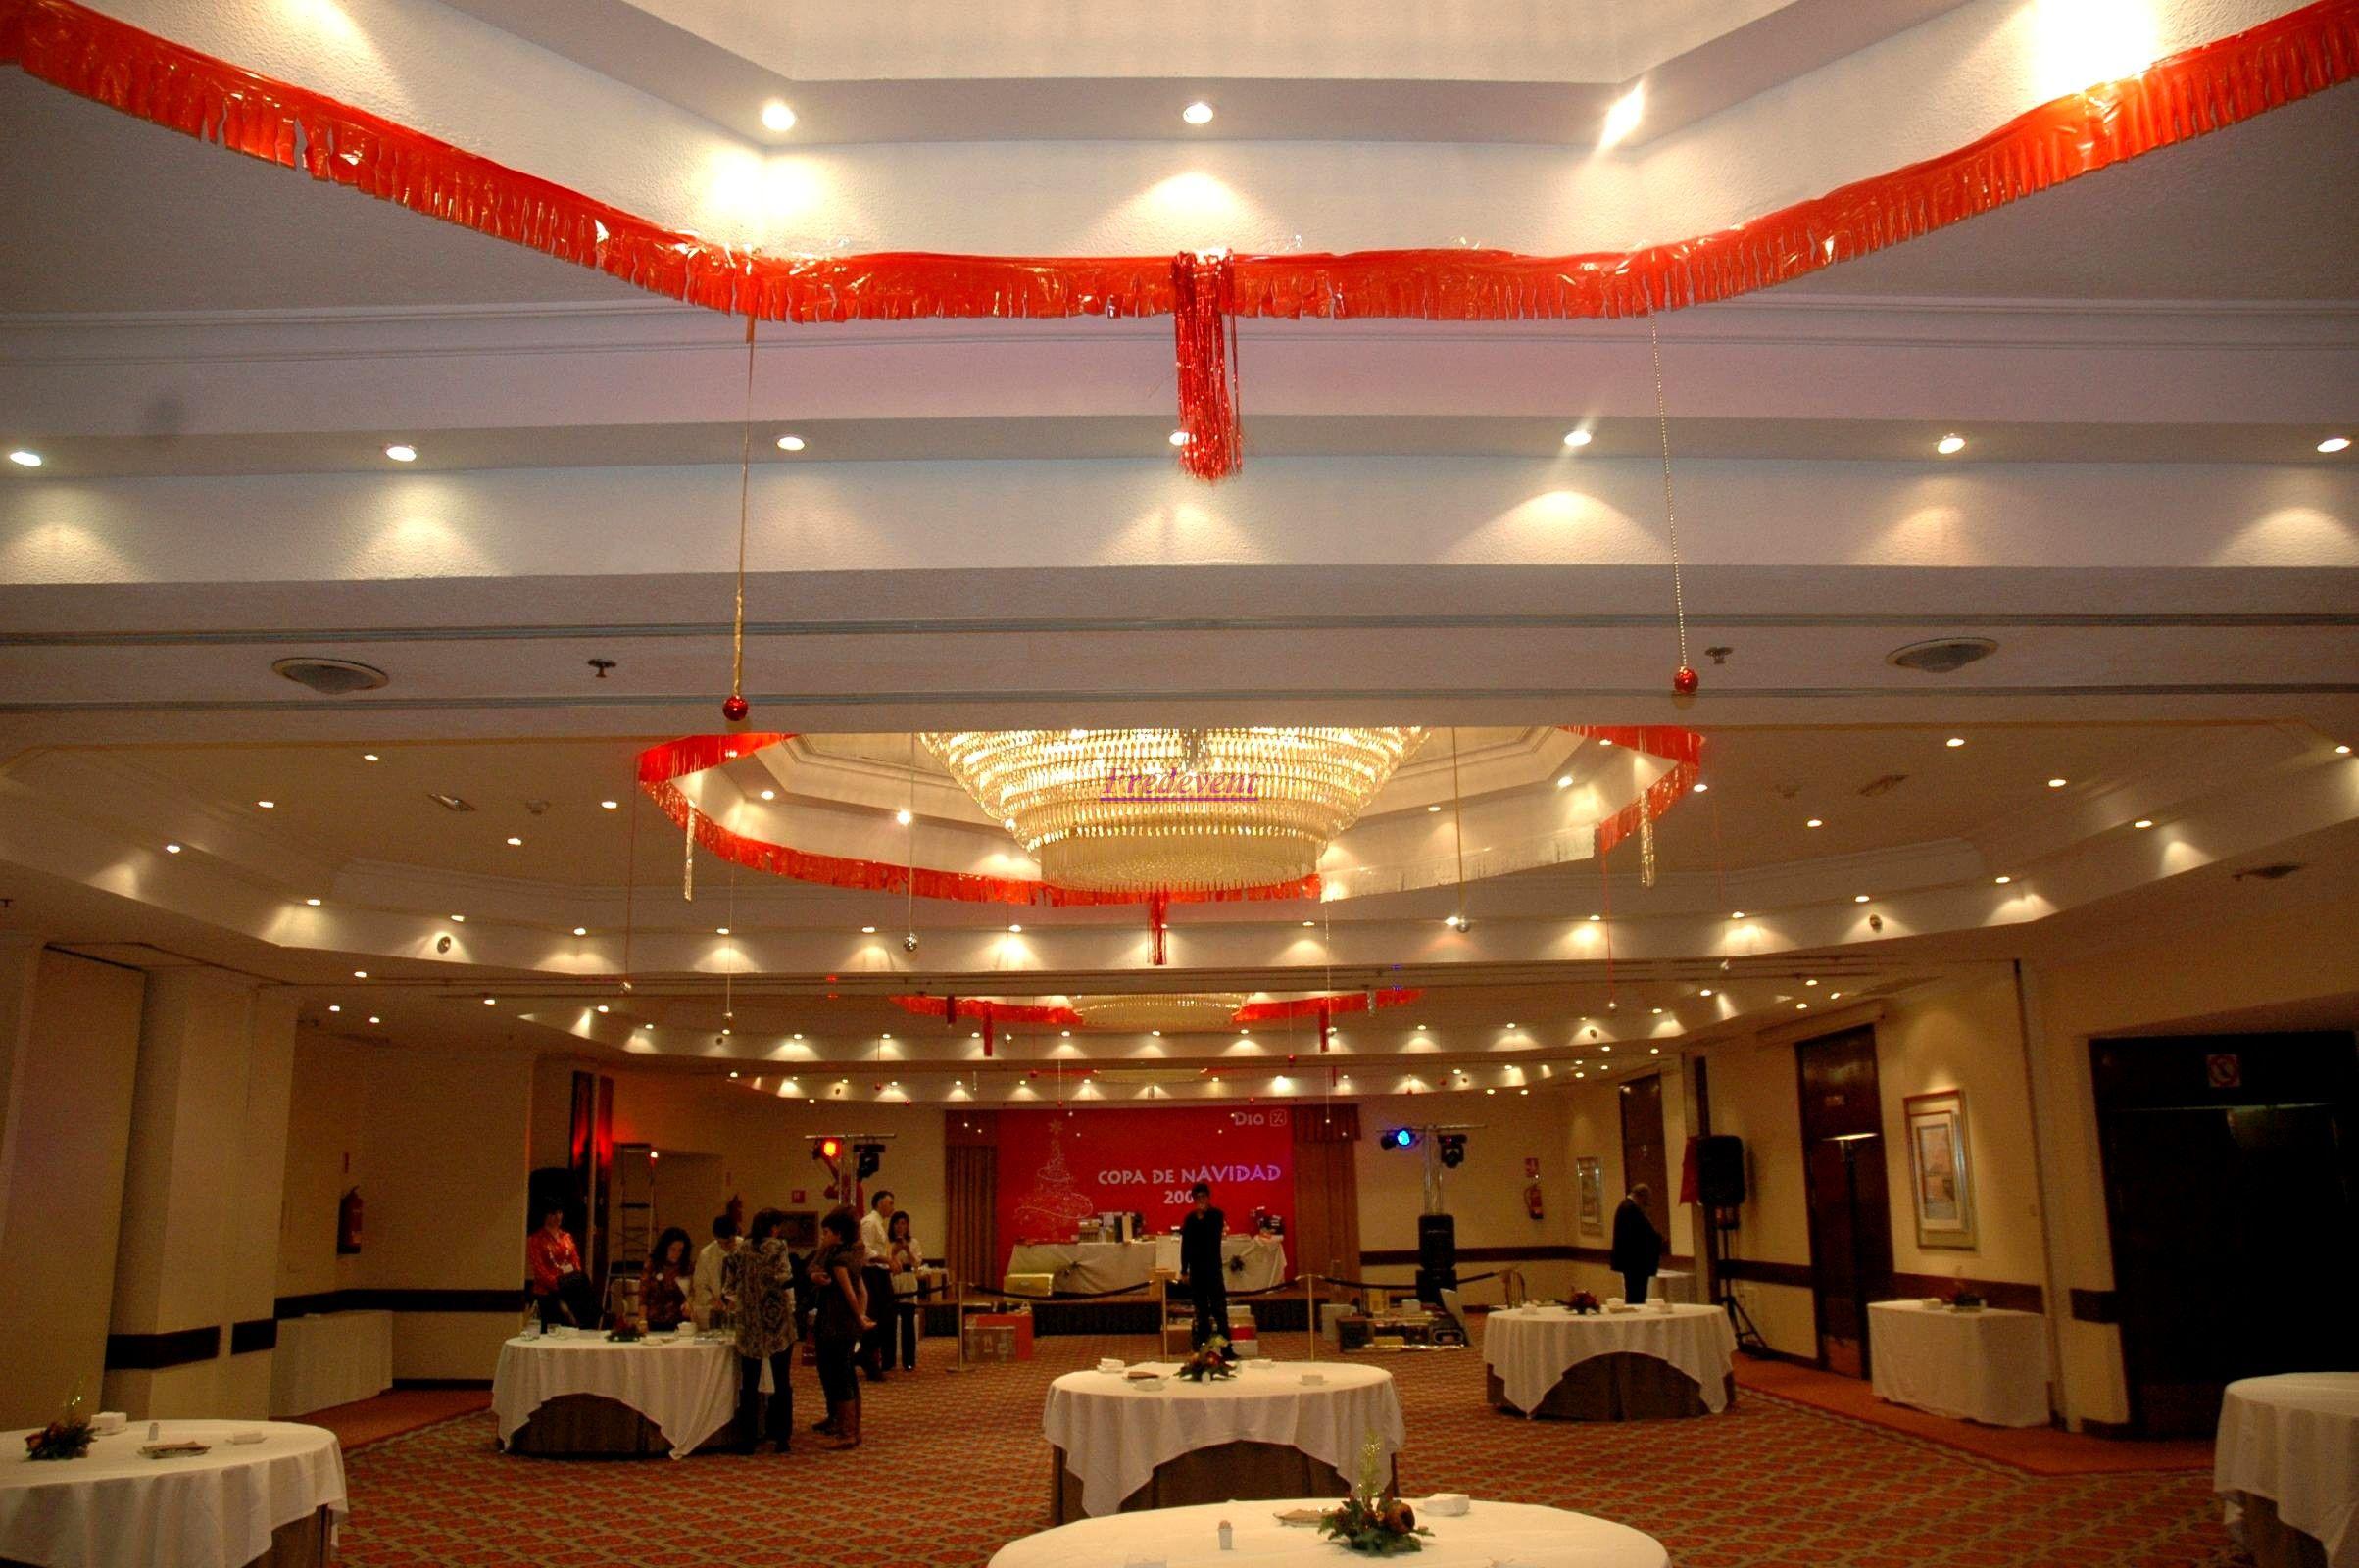 Decoracion Aniversario Empresa ~ Decoracion De Salones Para Fiestas Realizamos Decoracion De Salones